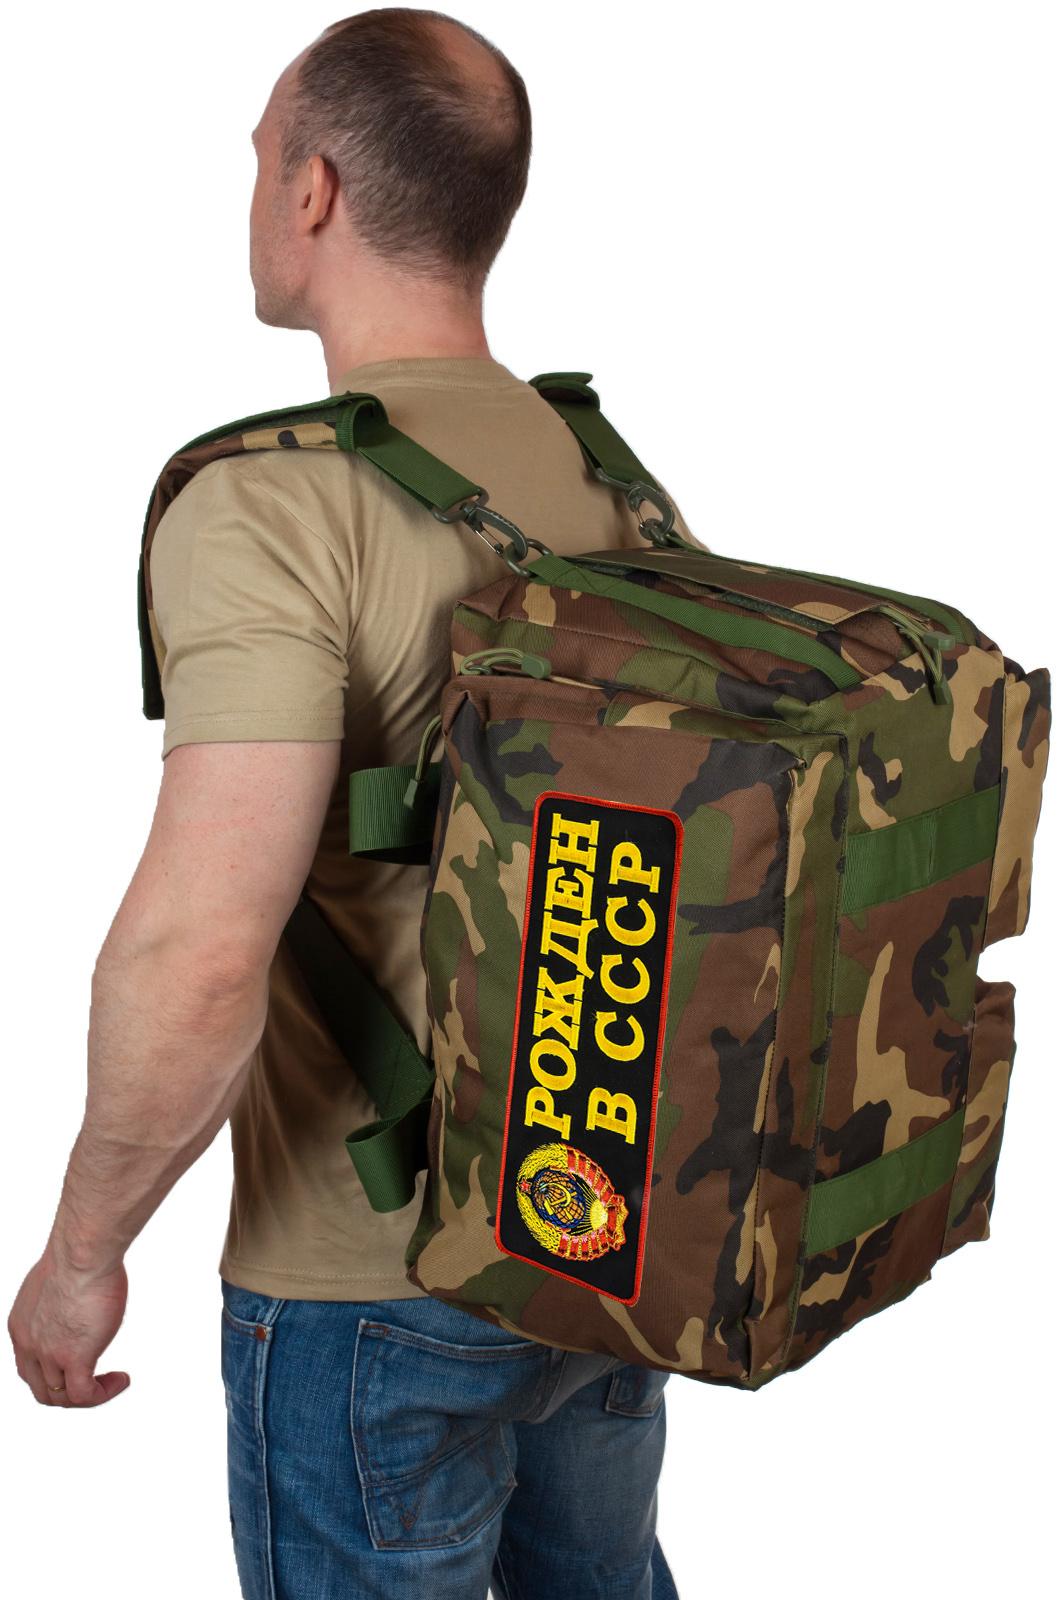 Купить дорожную надежную сумку с нашивкой Рожден в СССР с доставкой или самовывозом